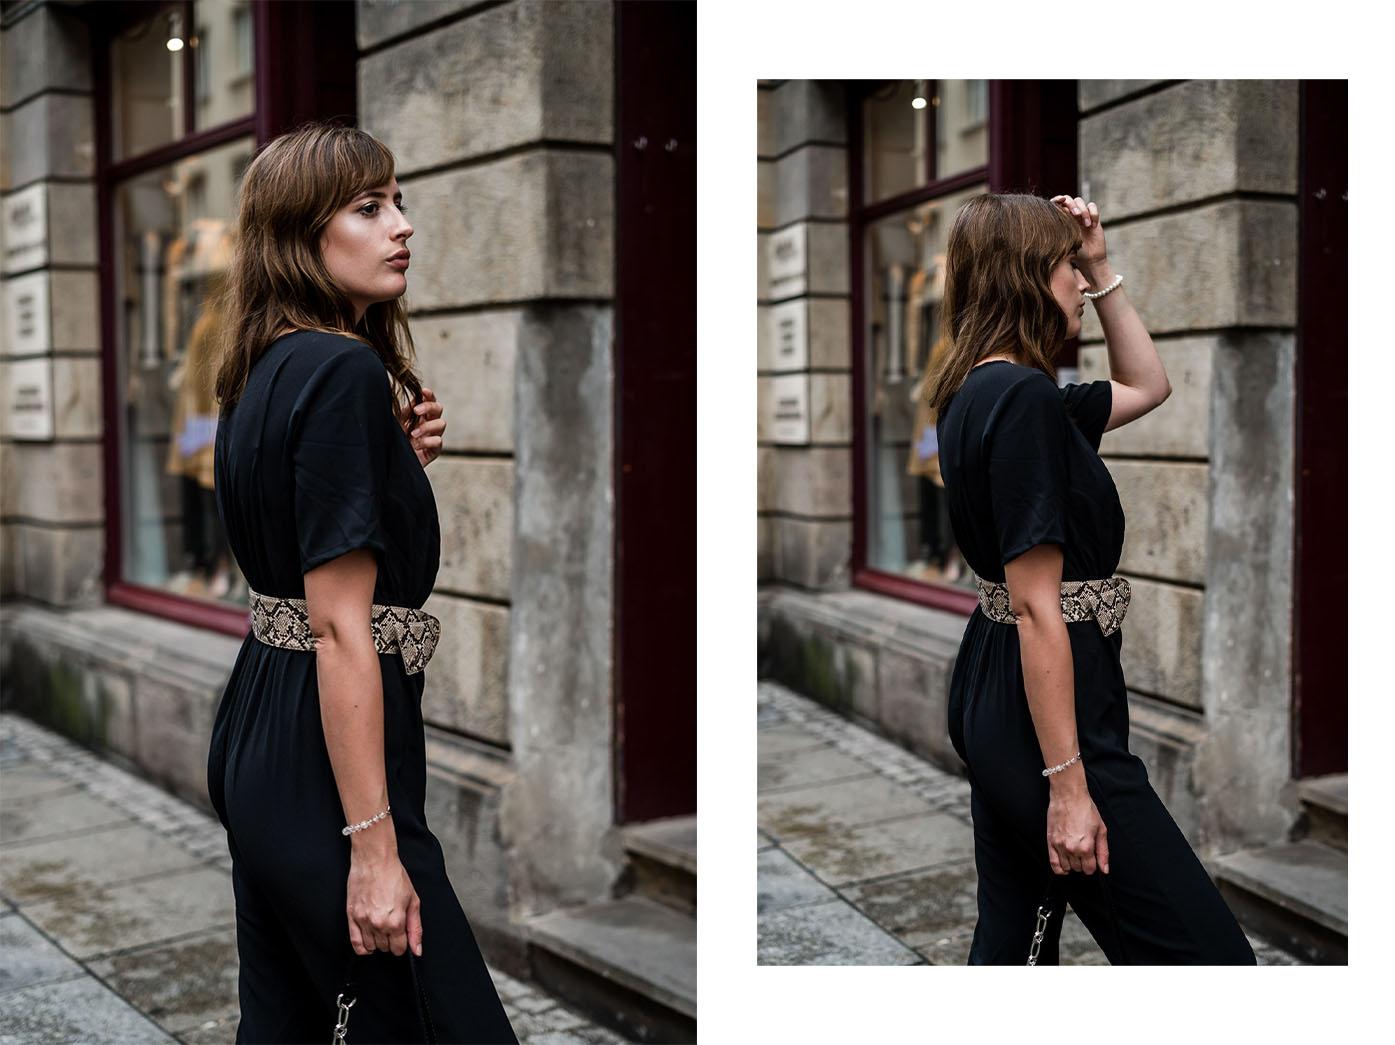 Wie geht der italienische Modestil